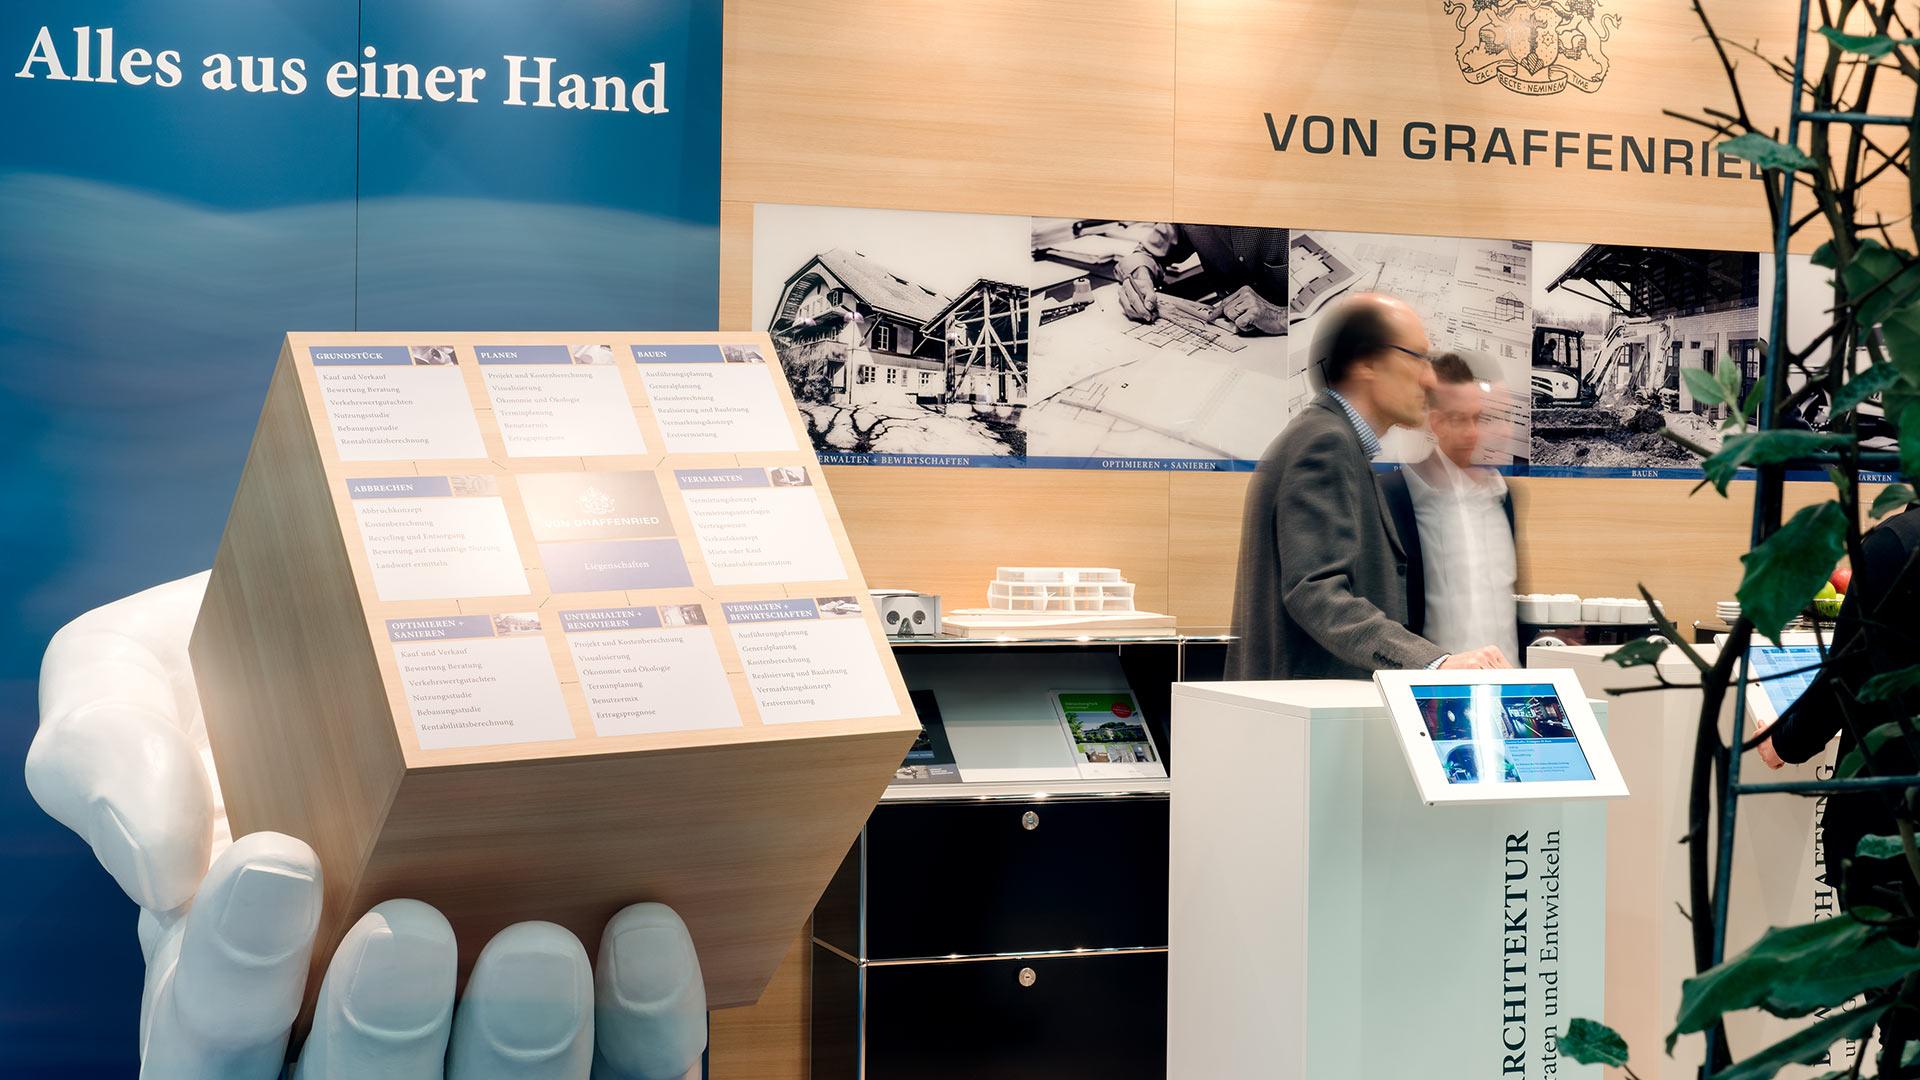 portfolio_von_graffenried_4